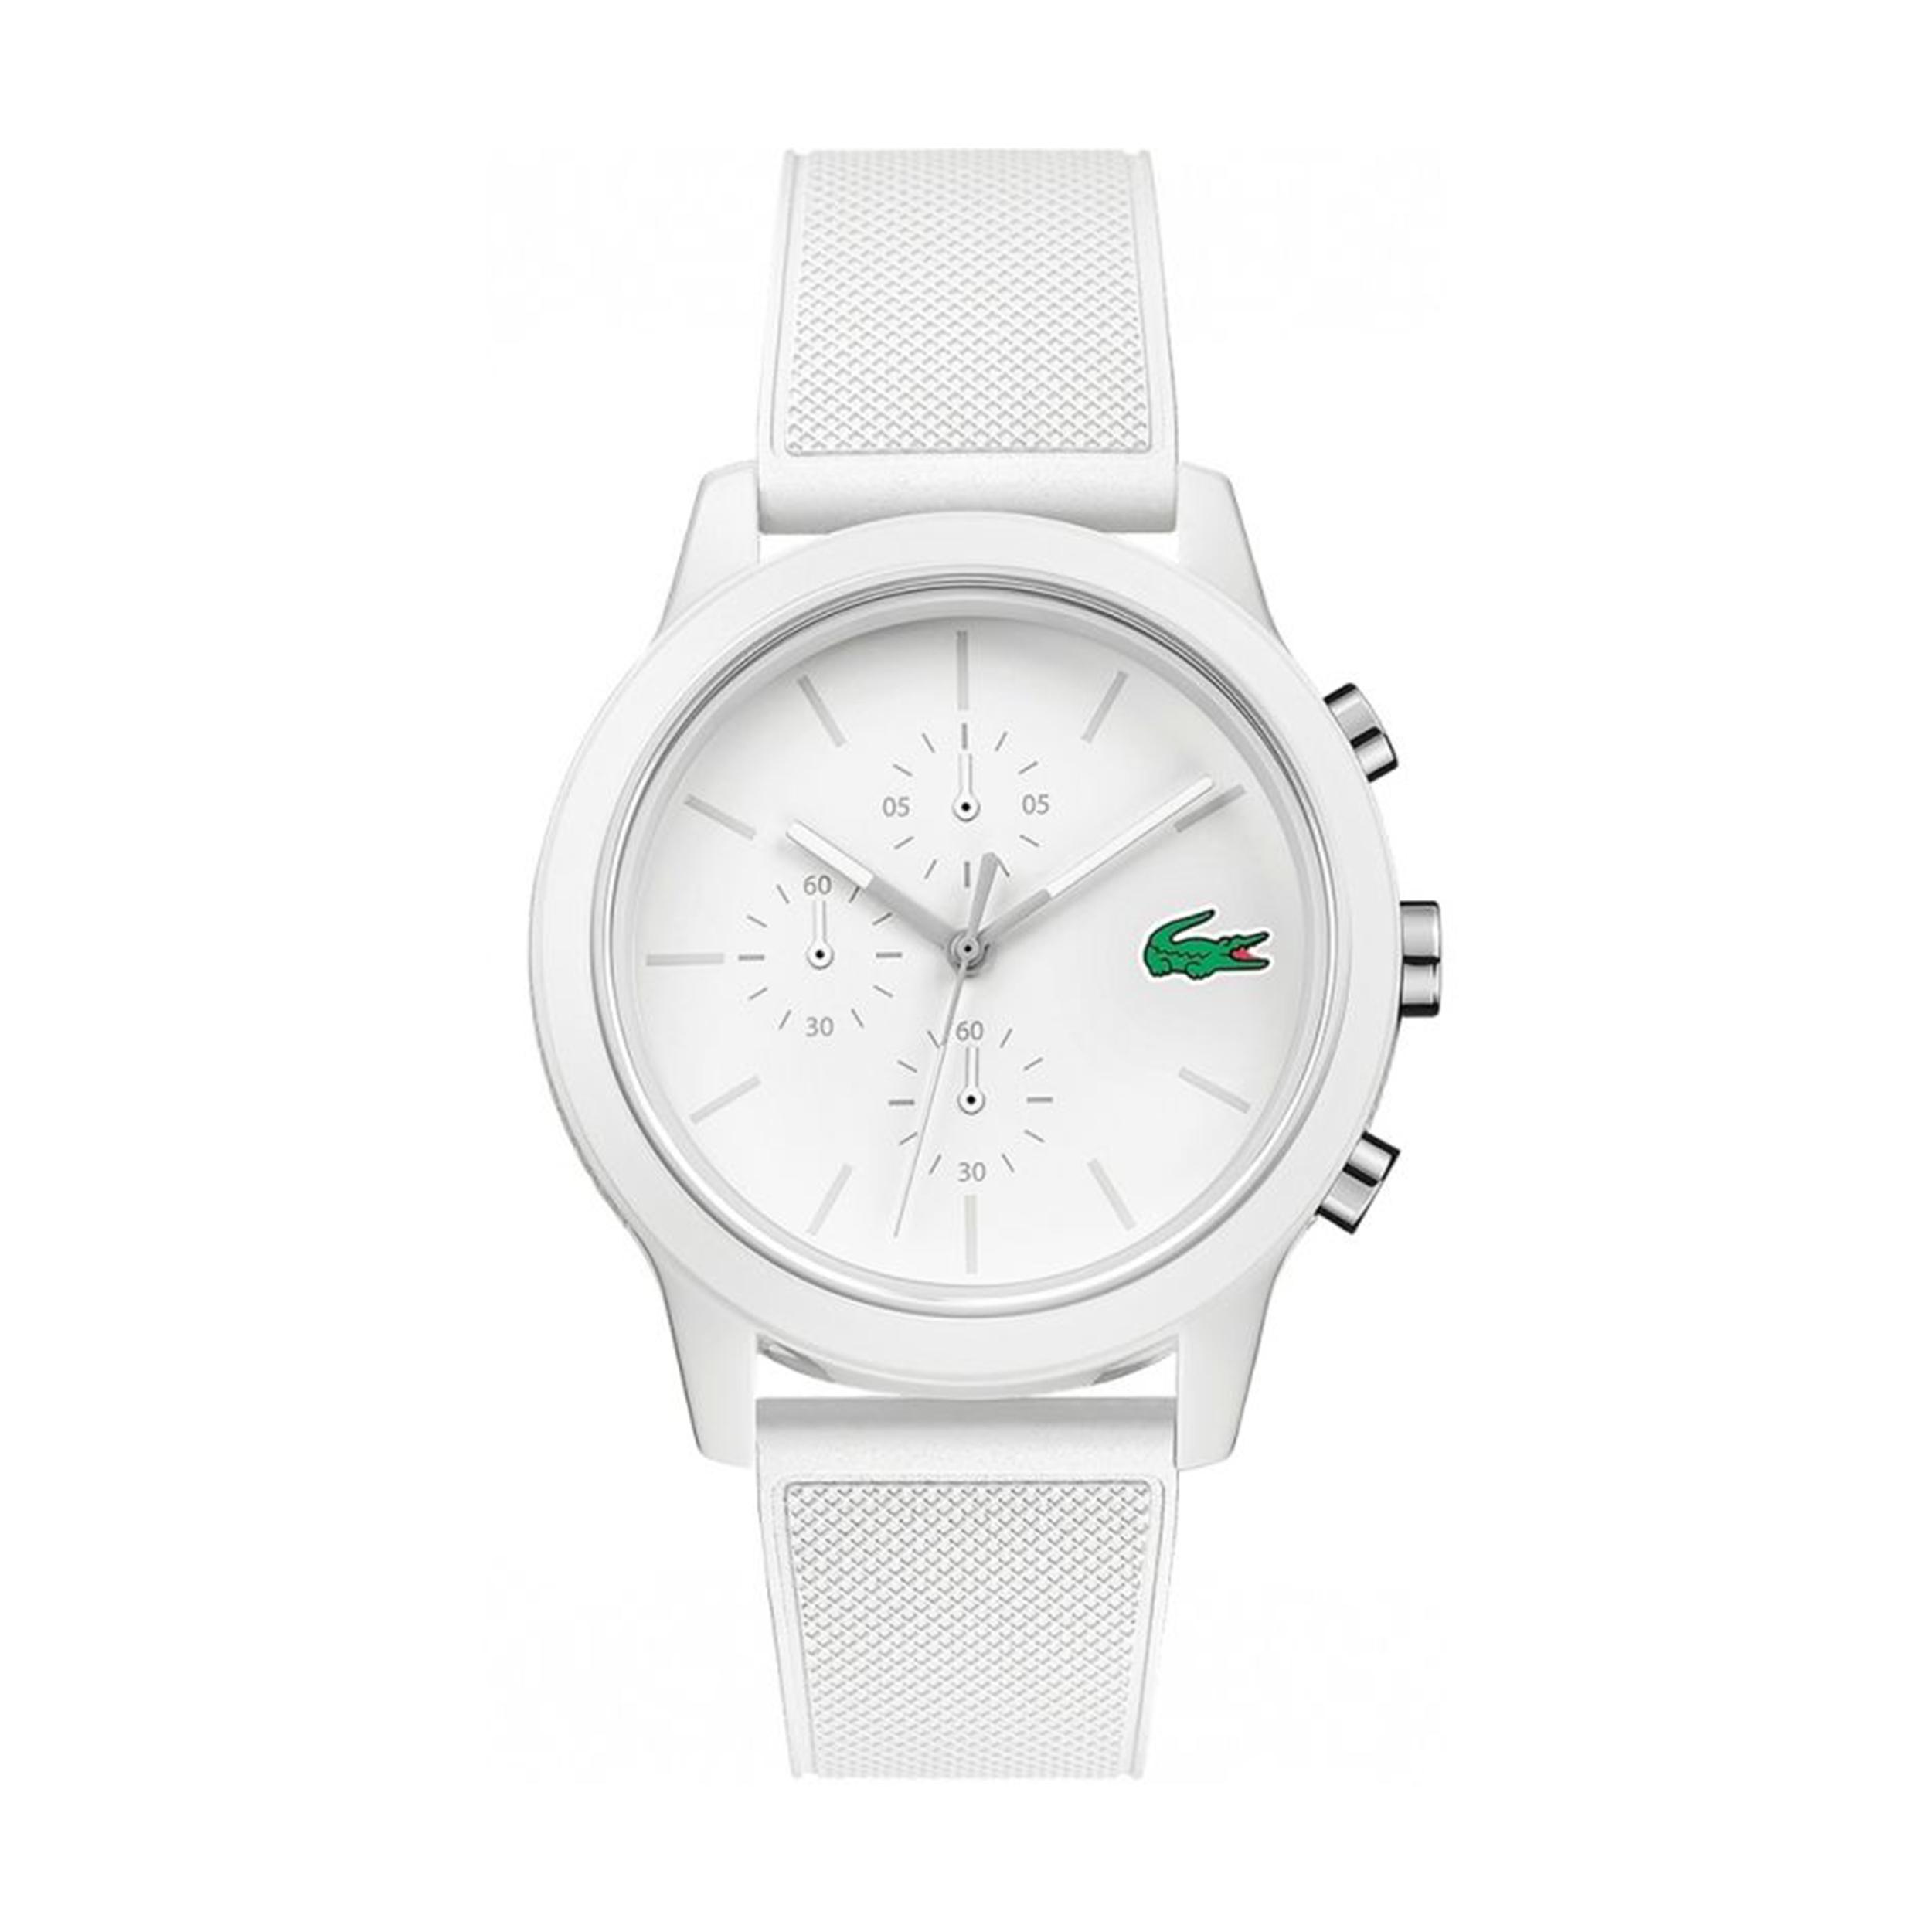 ساعت مچی عقربه ای مردانه لاگوست مدل 2010974              خرید (⭐️⭐️⭐️)